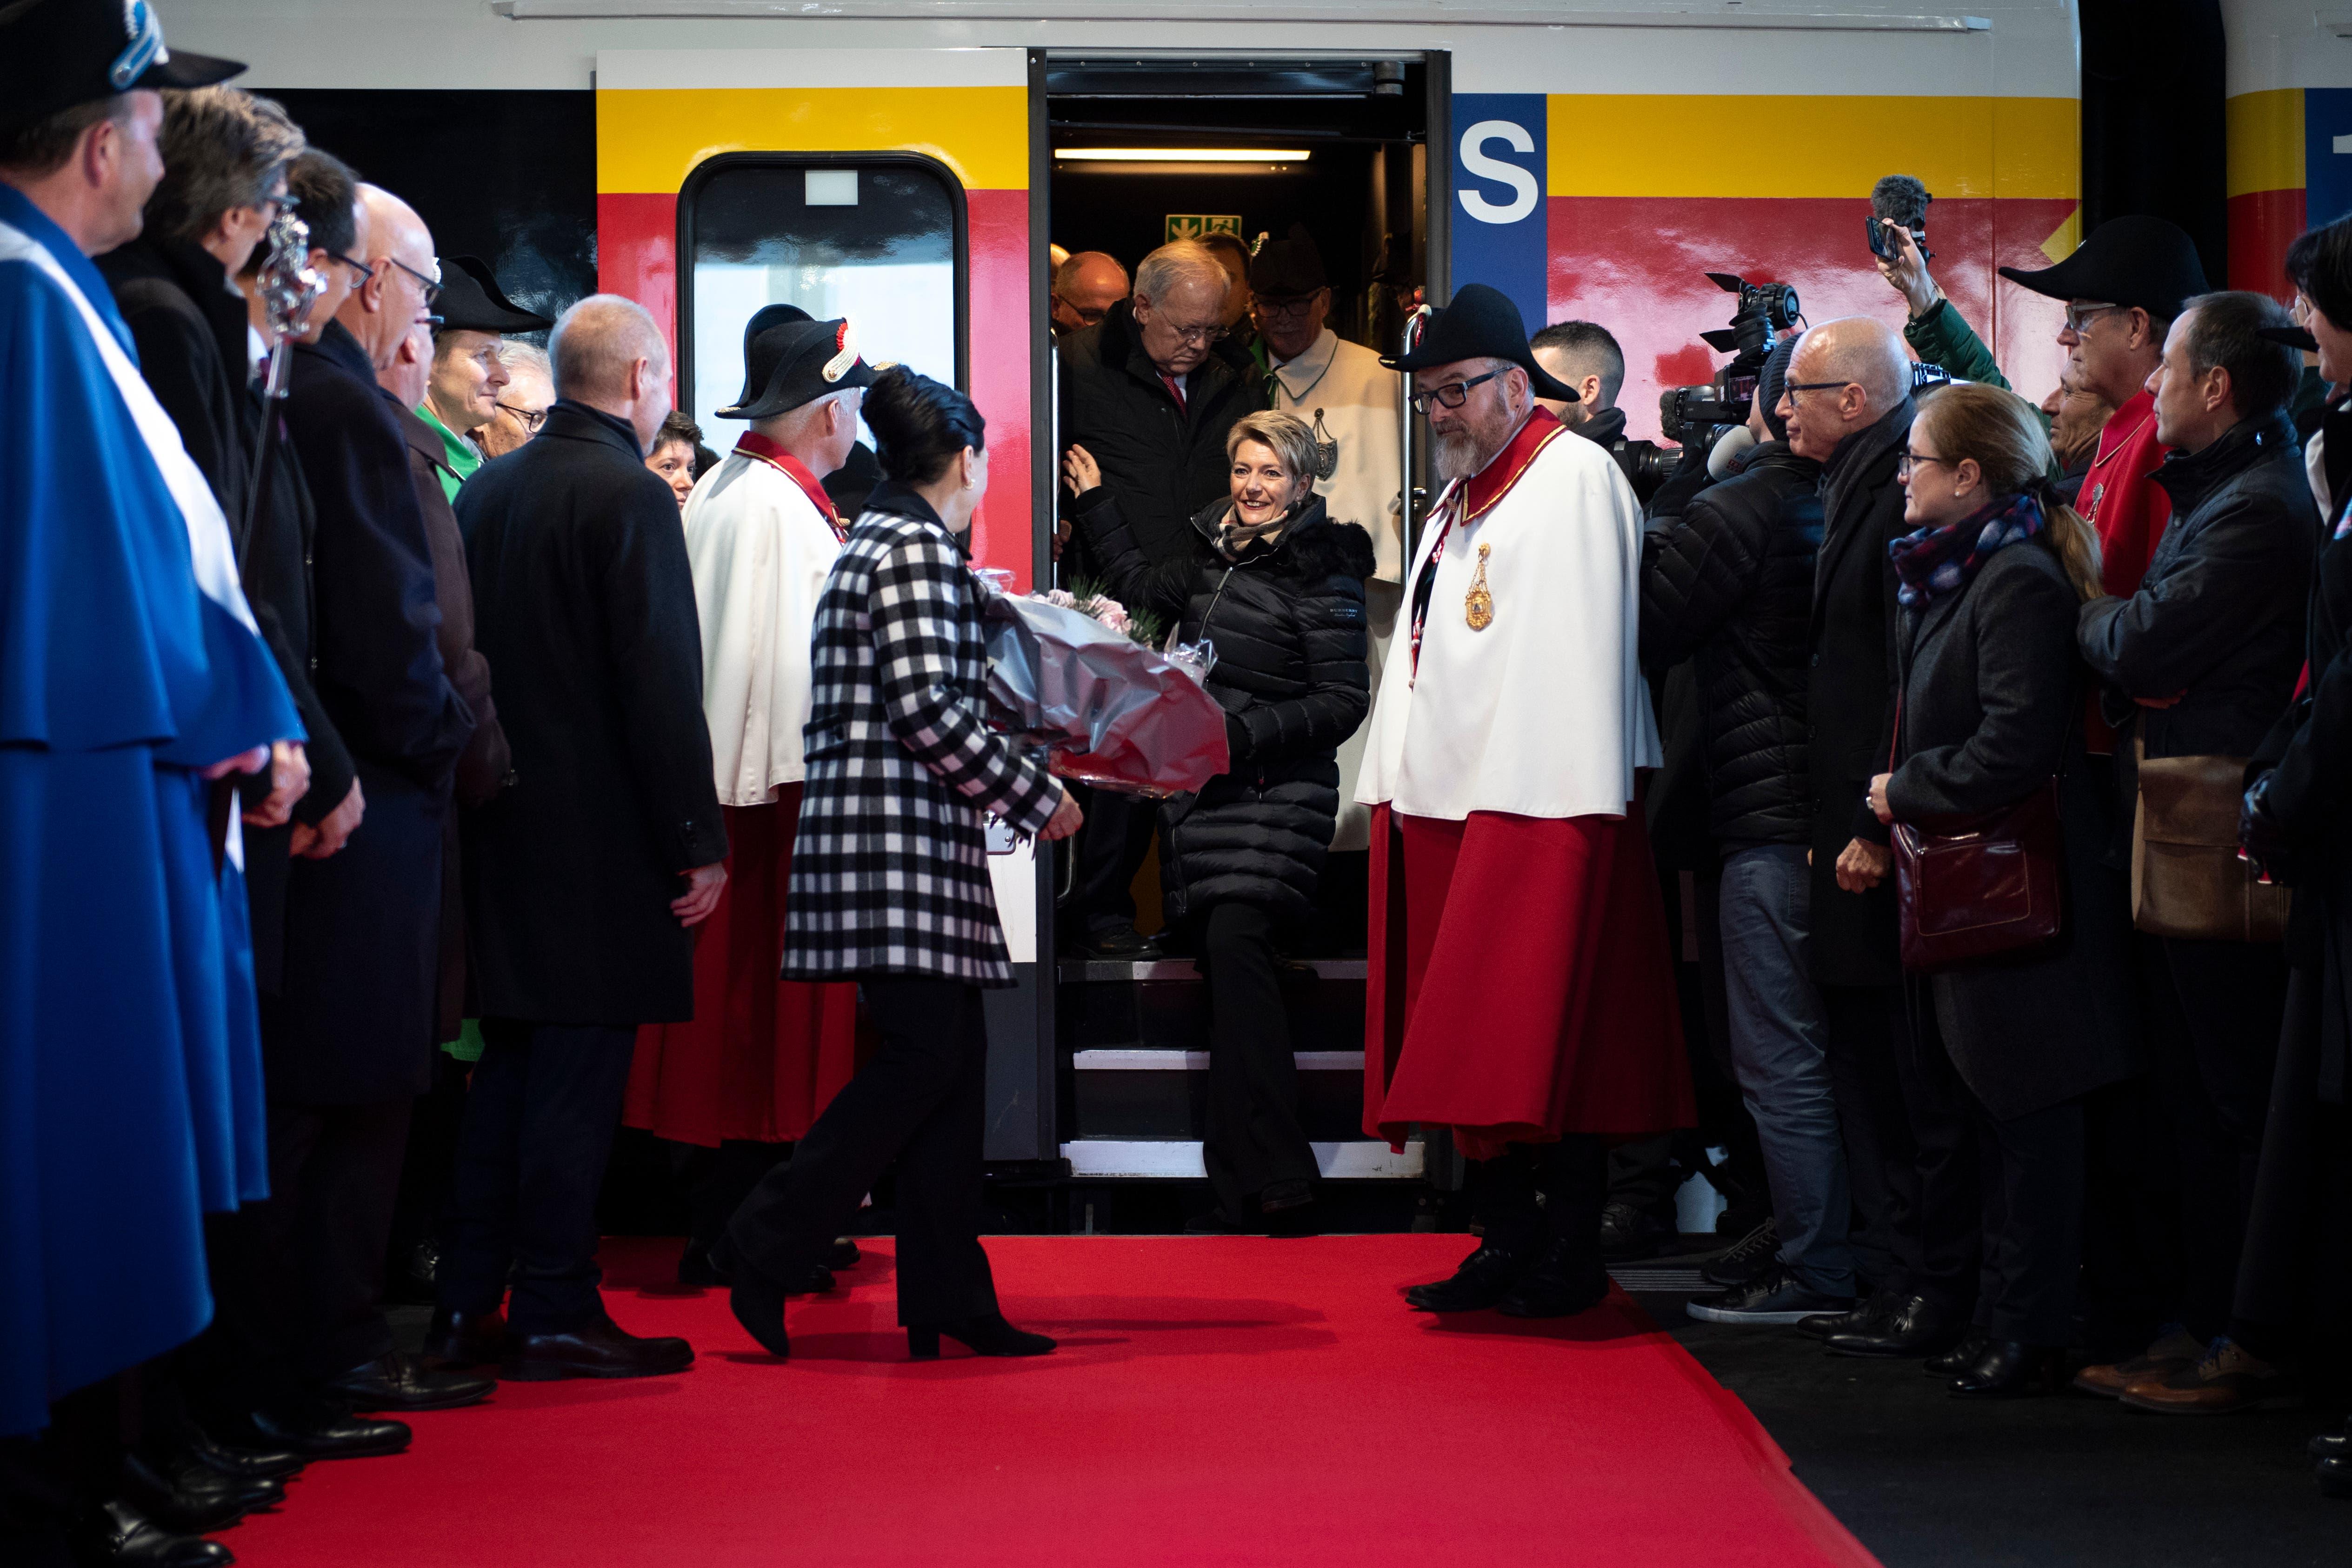 Der rote Teppich ist ausgerollt: Die neue Bundesrätin Karin Keller-Sutter wird nach ihrer Wahl am Bahnhof St. Gallen empfangen. (Bild: Gian Ehrenzeller/Keystone (St. Gallen, 13. Dezember 2018))